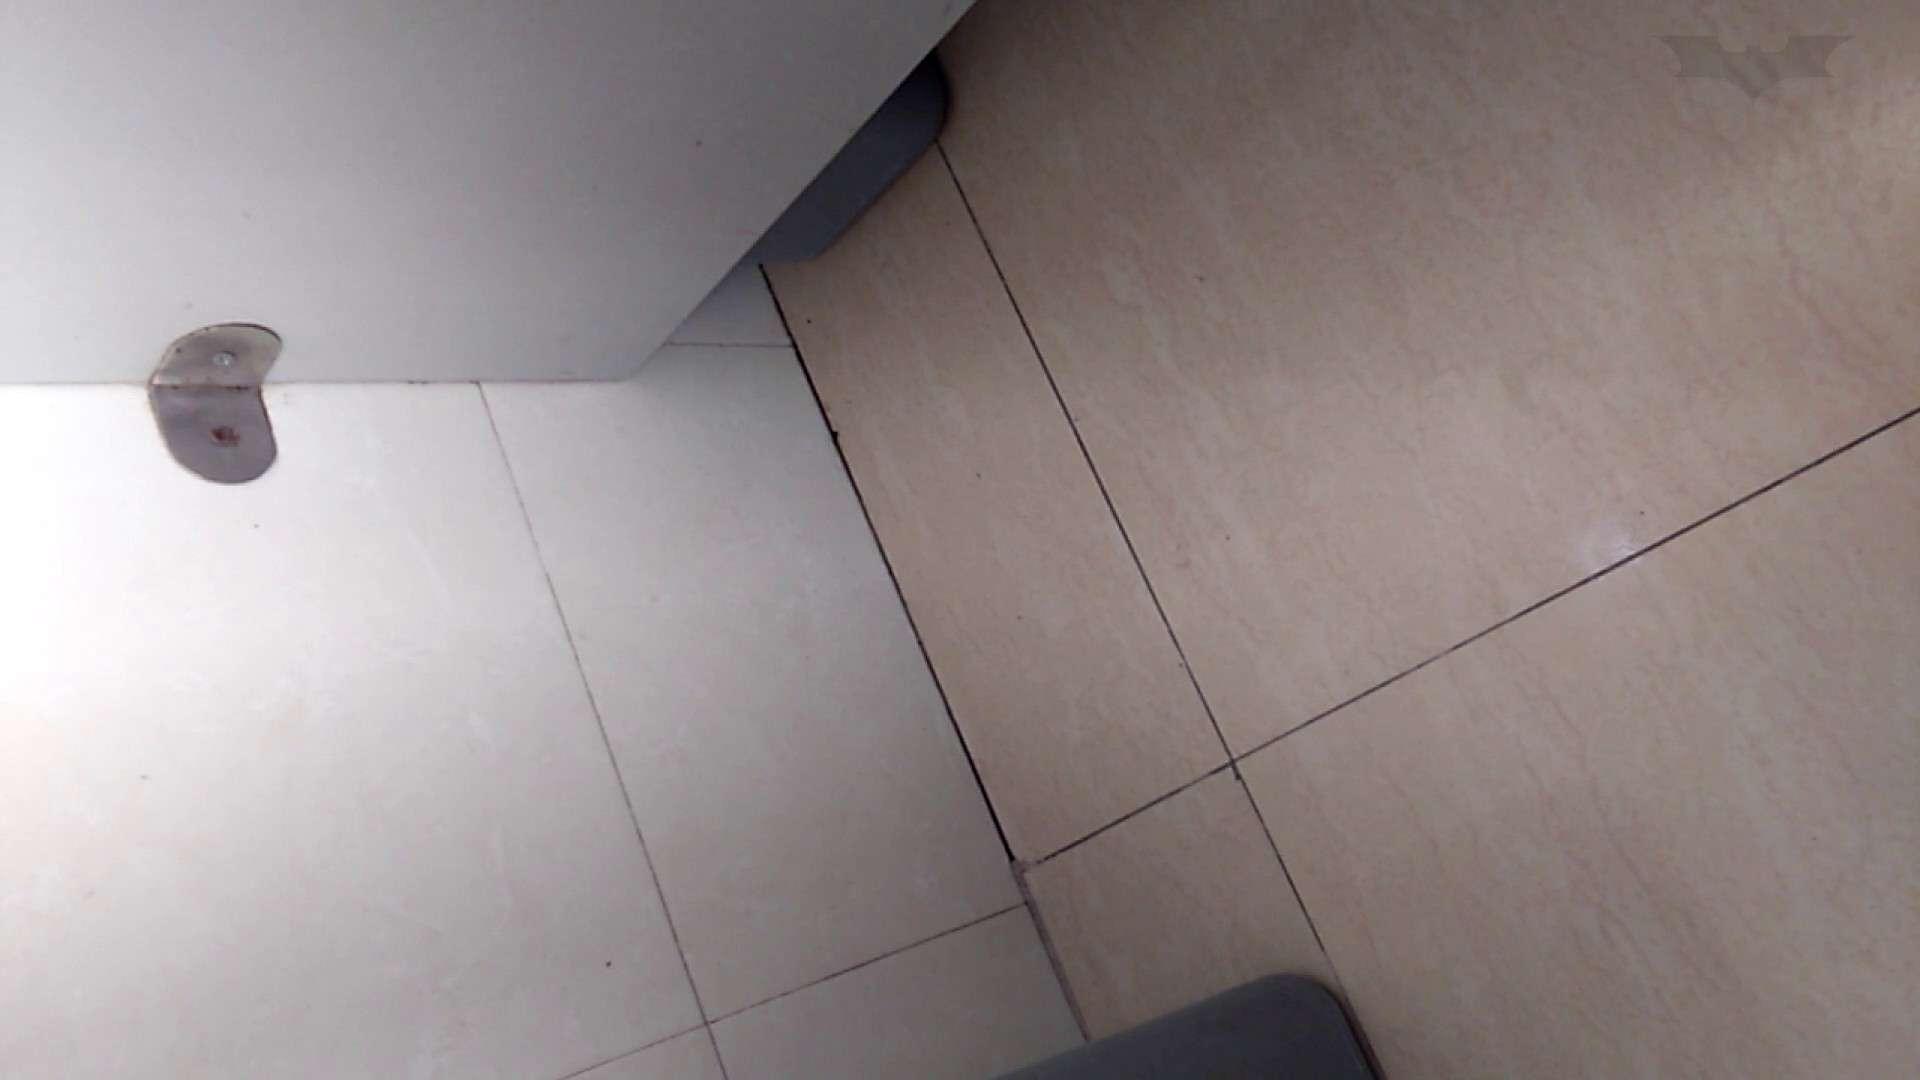 芸術大学ガチ潜入盗撮 JD盗撮 美女の洗面所の秘密 Vol.99 トイレのぞき AV無料 88画像 87